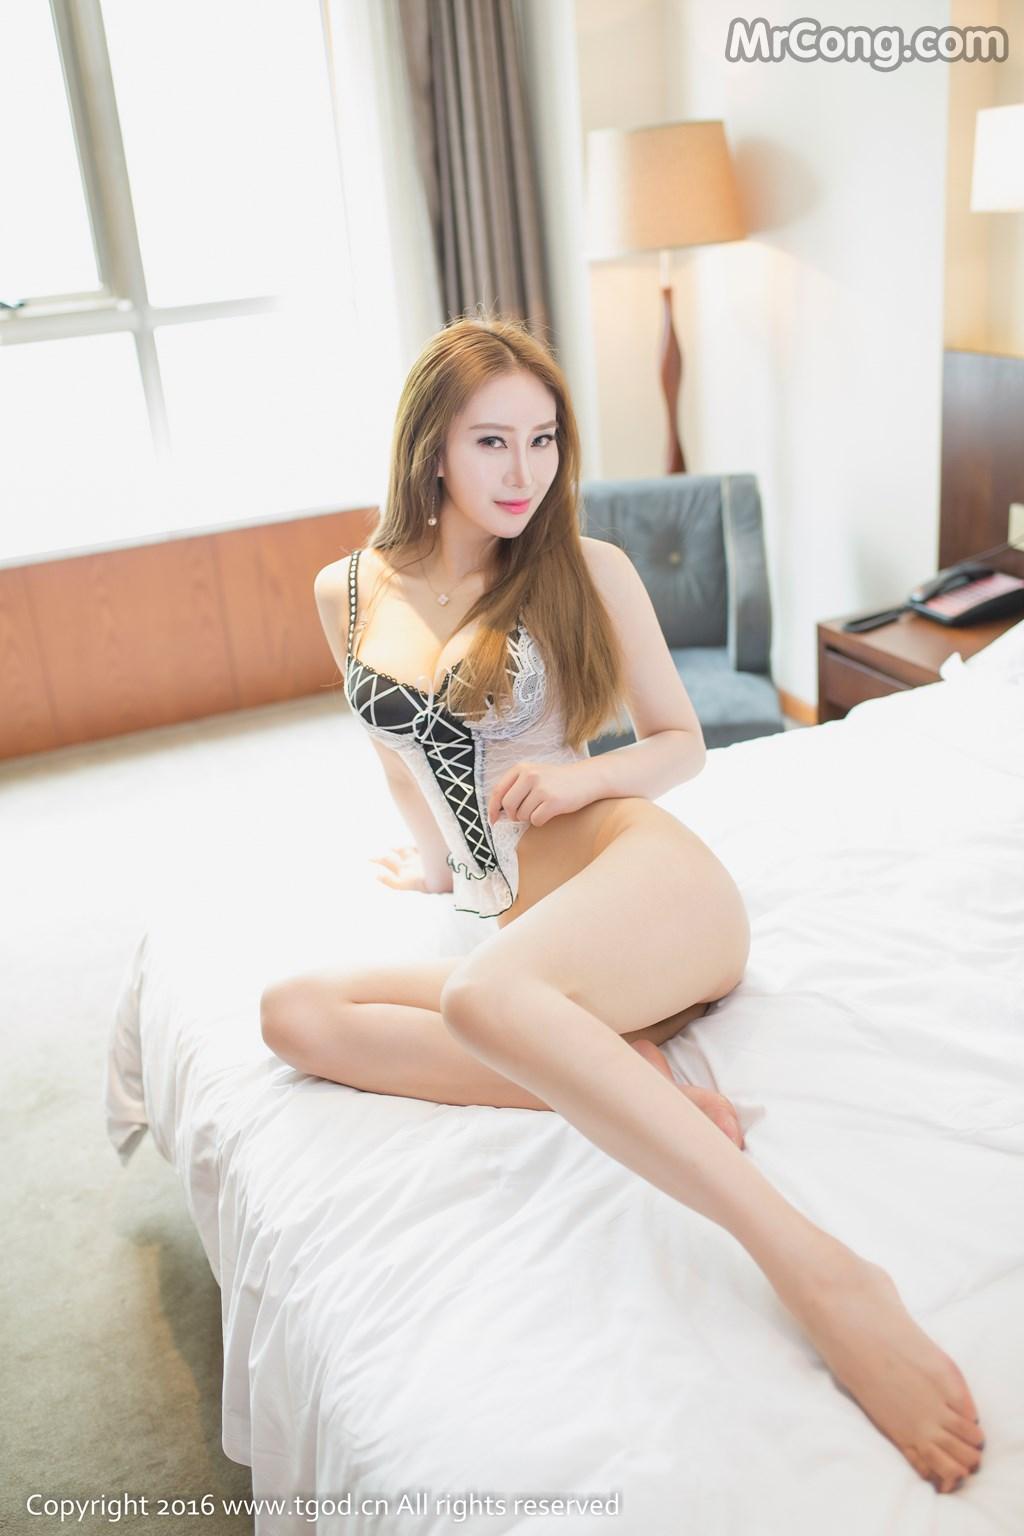 TGOD 2016-07-05: Người mẫu Ting Ting (婷婷) (50 ảnh)